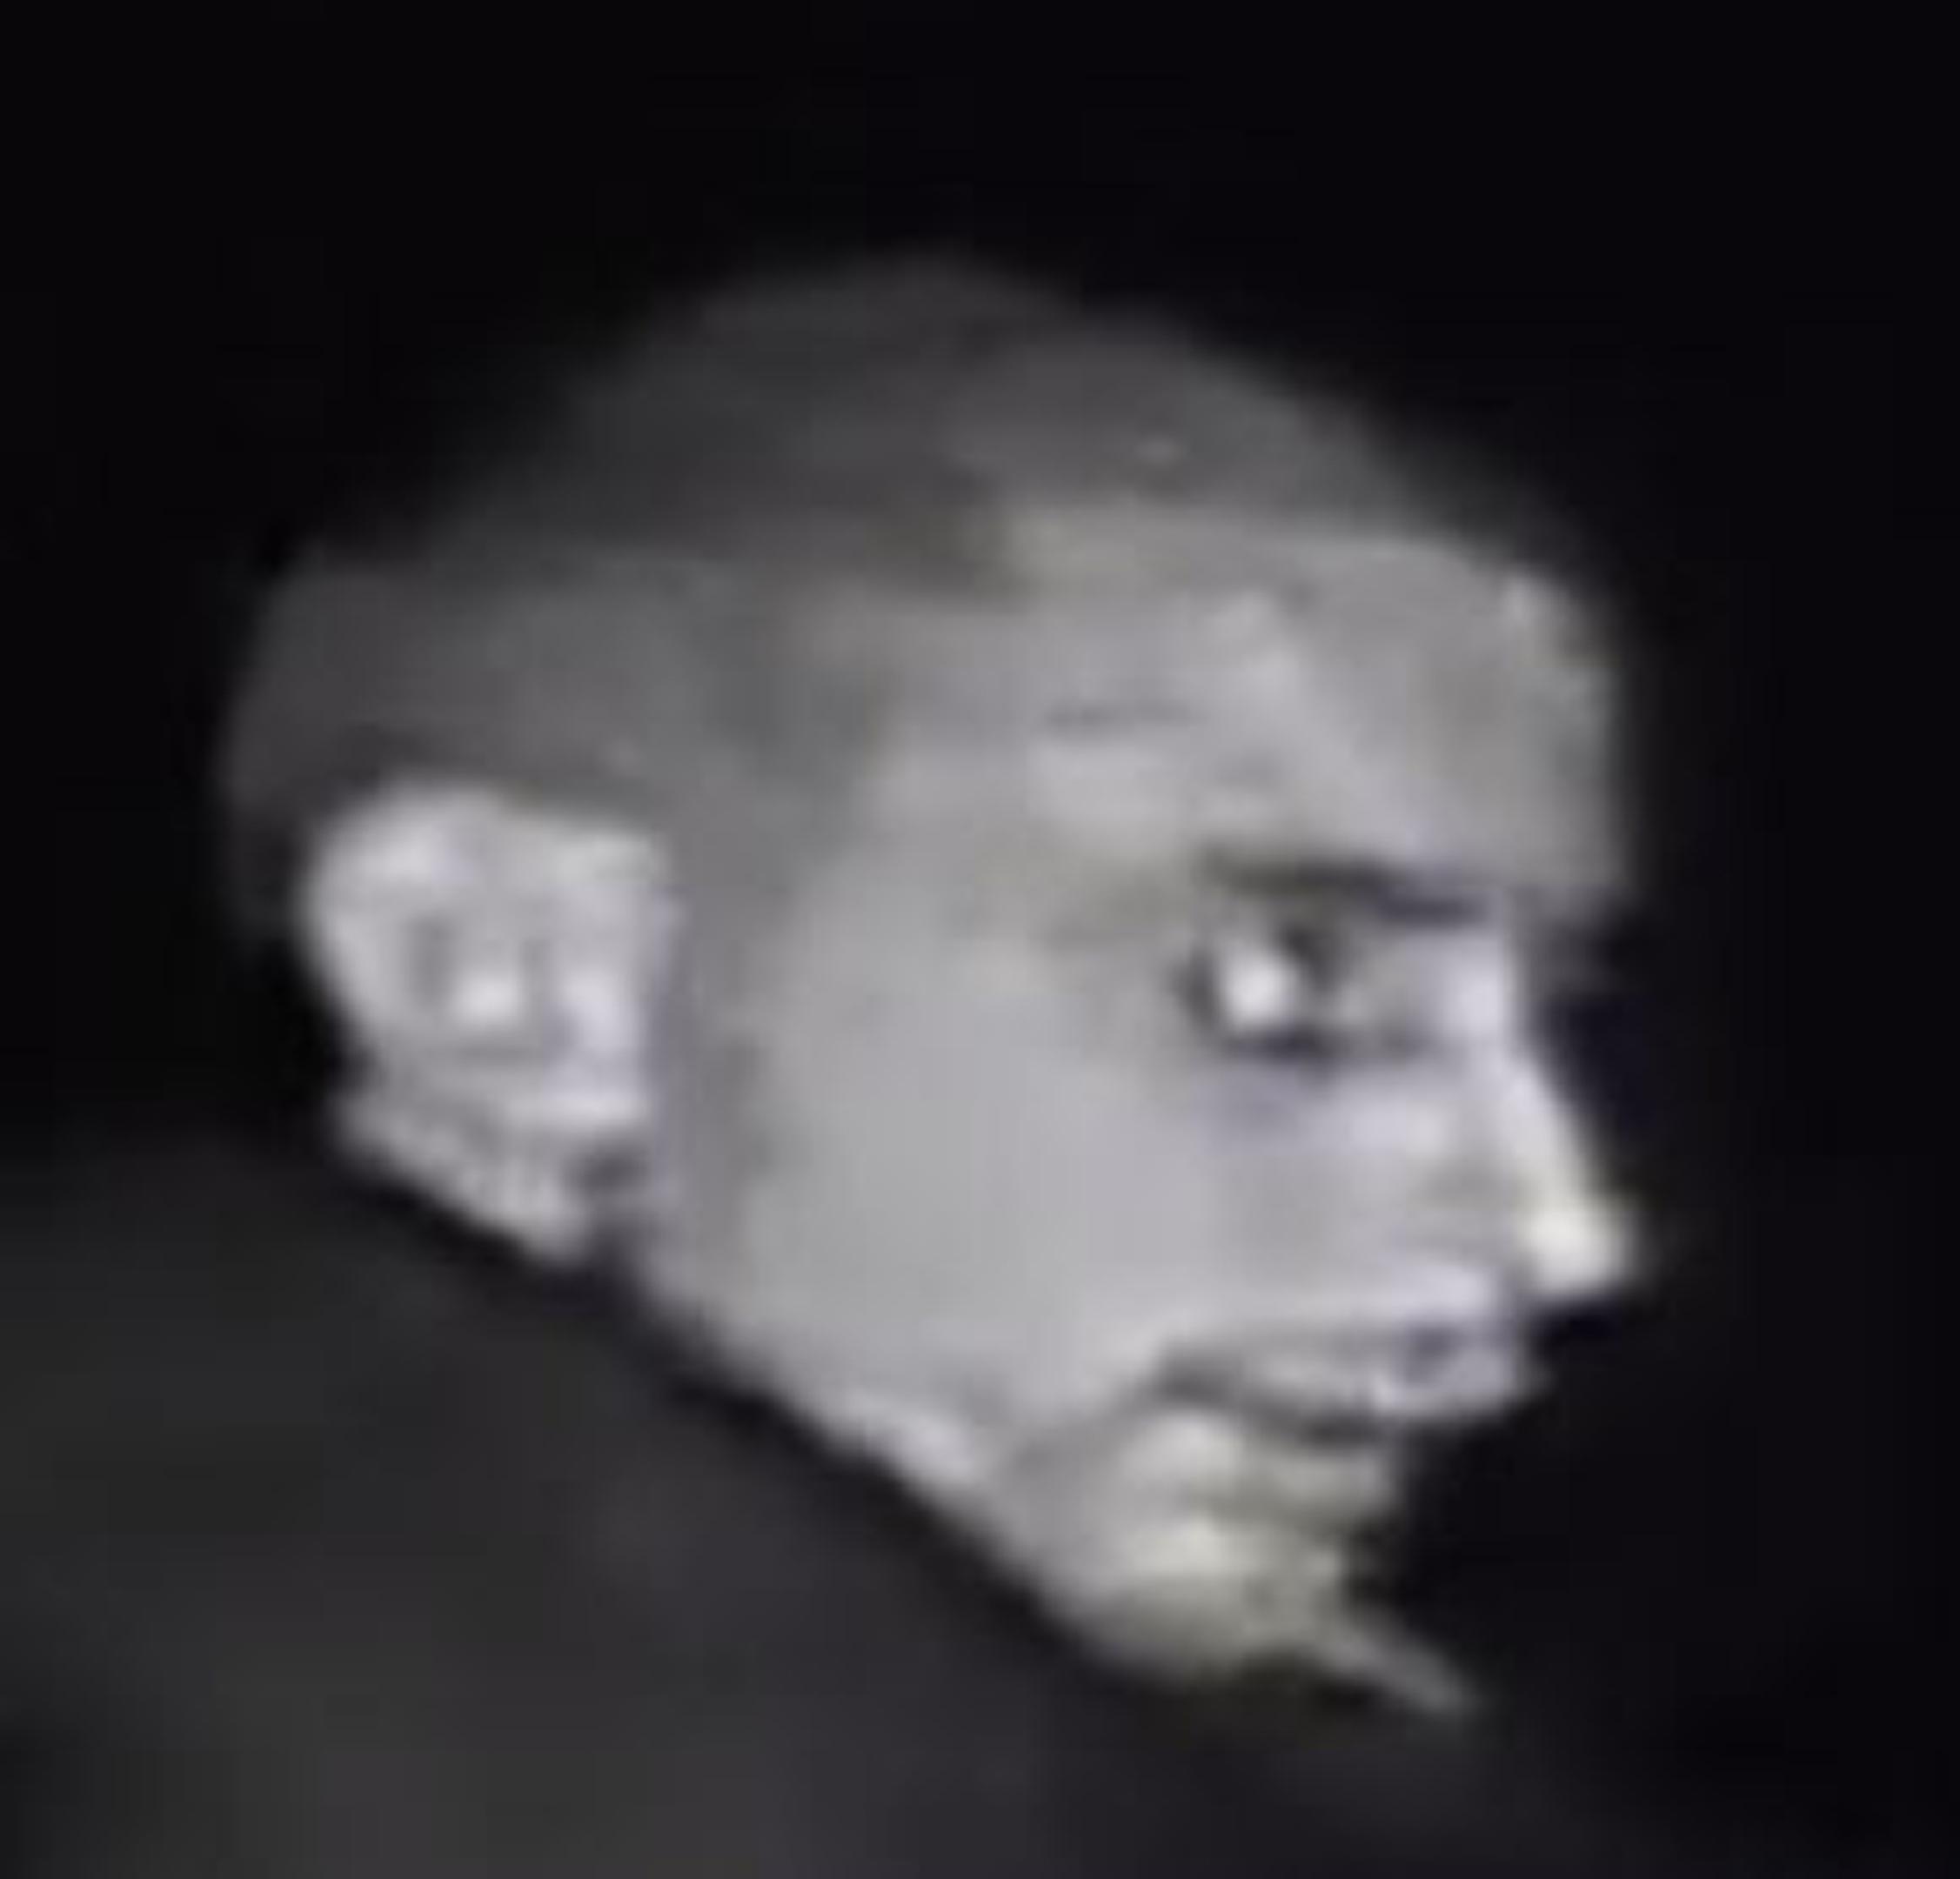 CCTV still of Alan Blackman